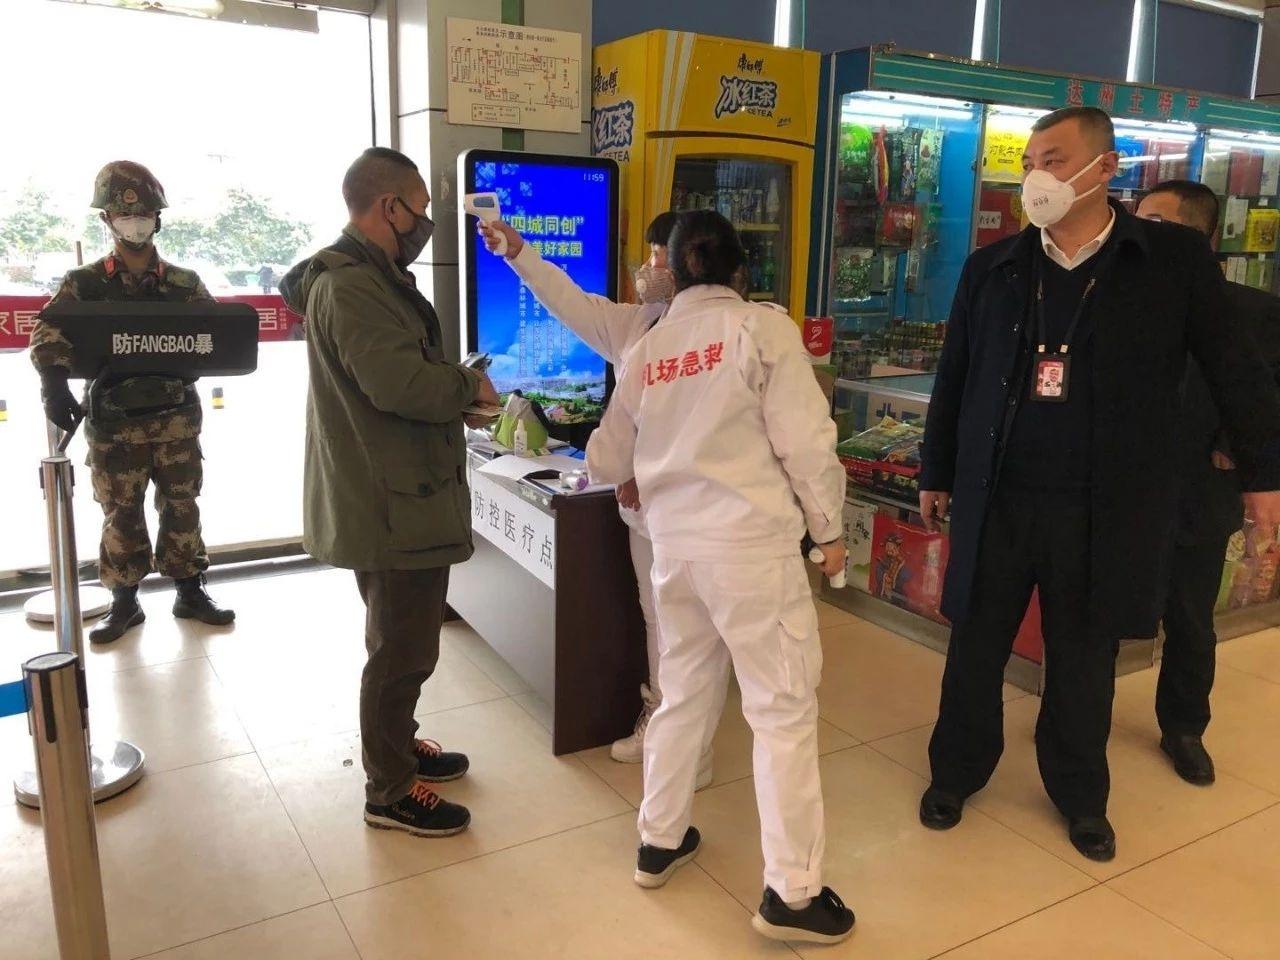 達州機場:疫情防控,我們眾志成城